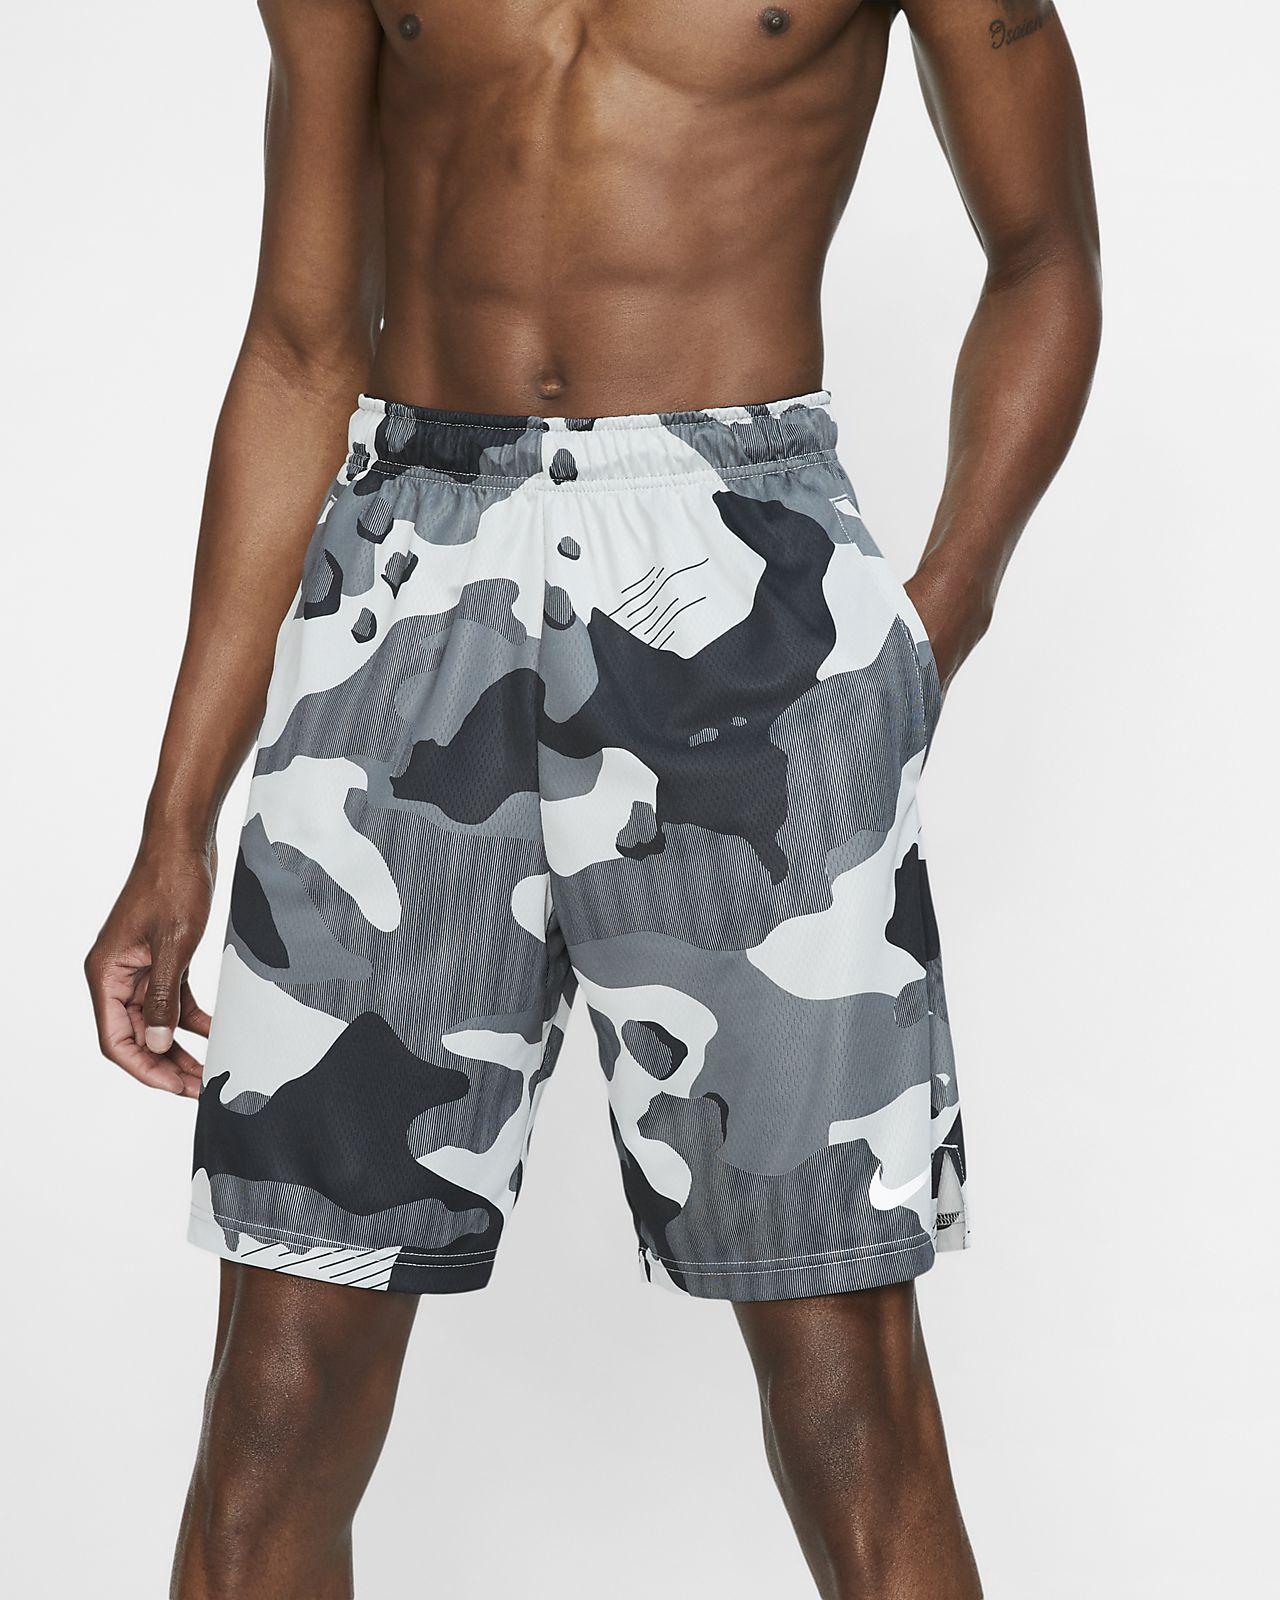 Мужские шорты для тренинга с камуфляжным принтом Nike Dri-FIT